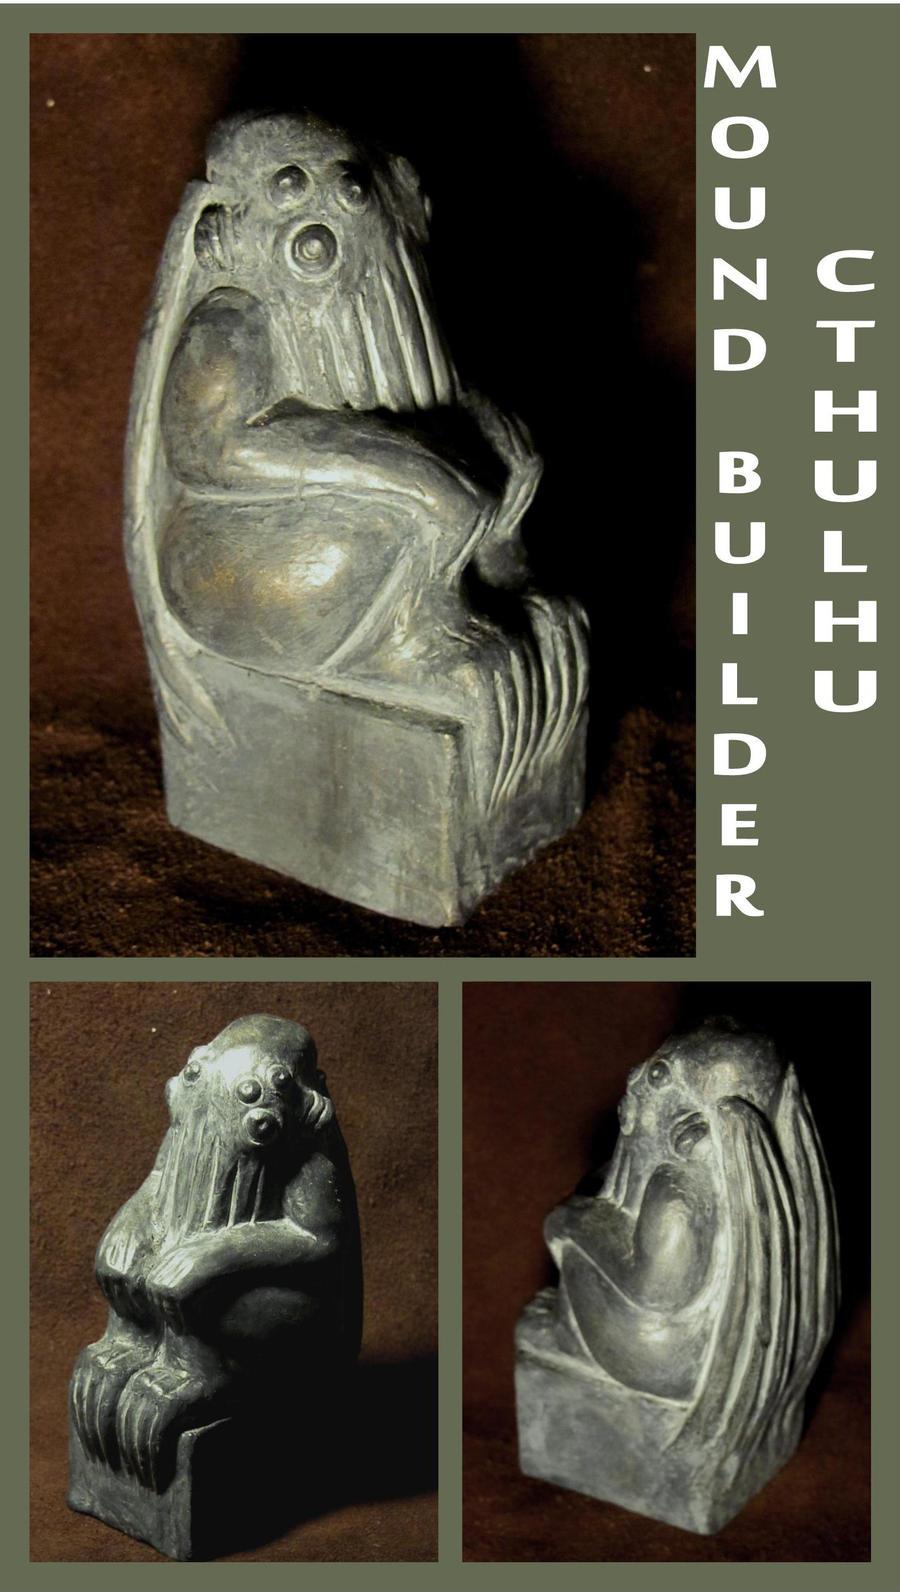 H.P. Lovecraft - Mound Builder Cthulhu